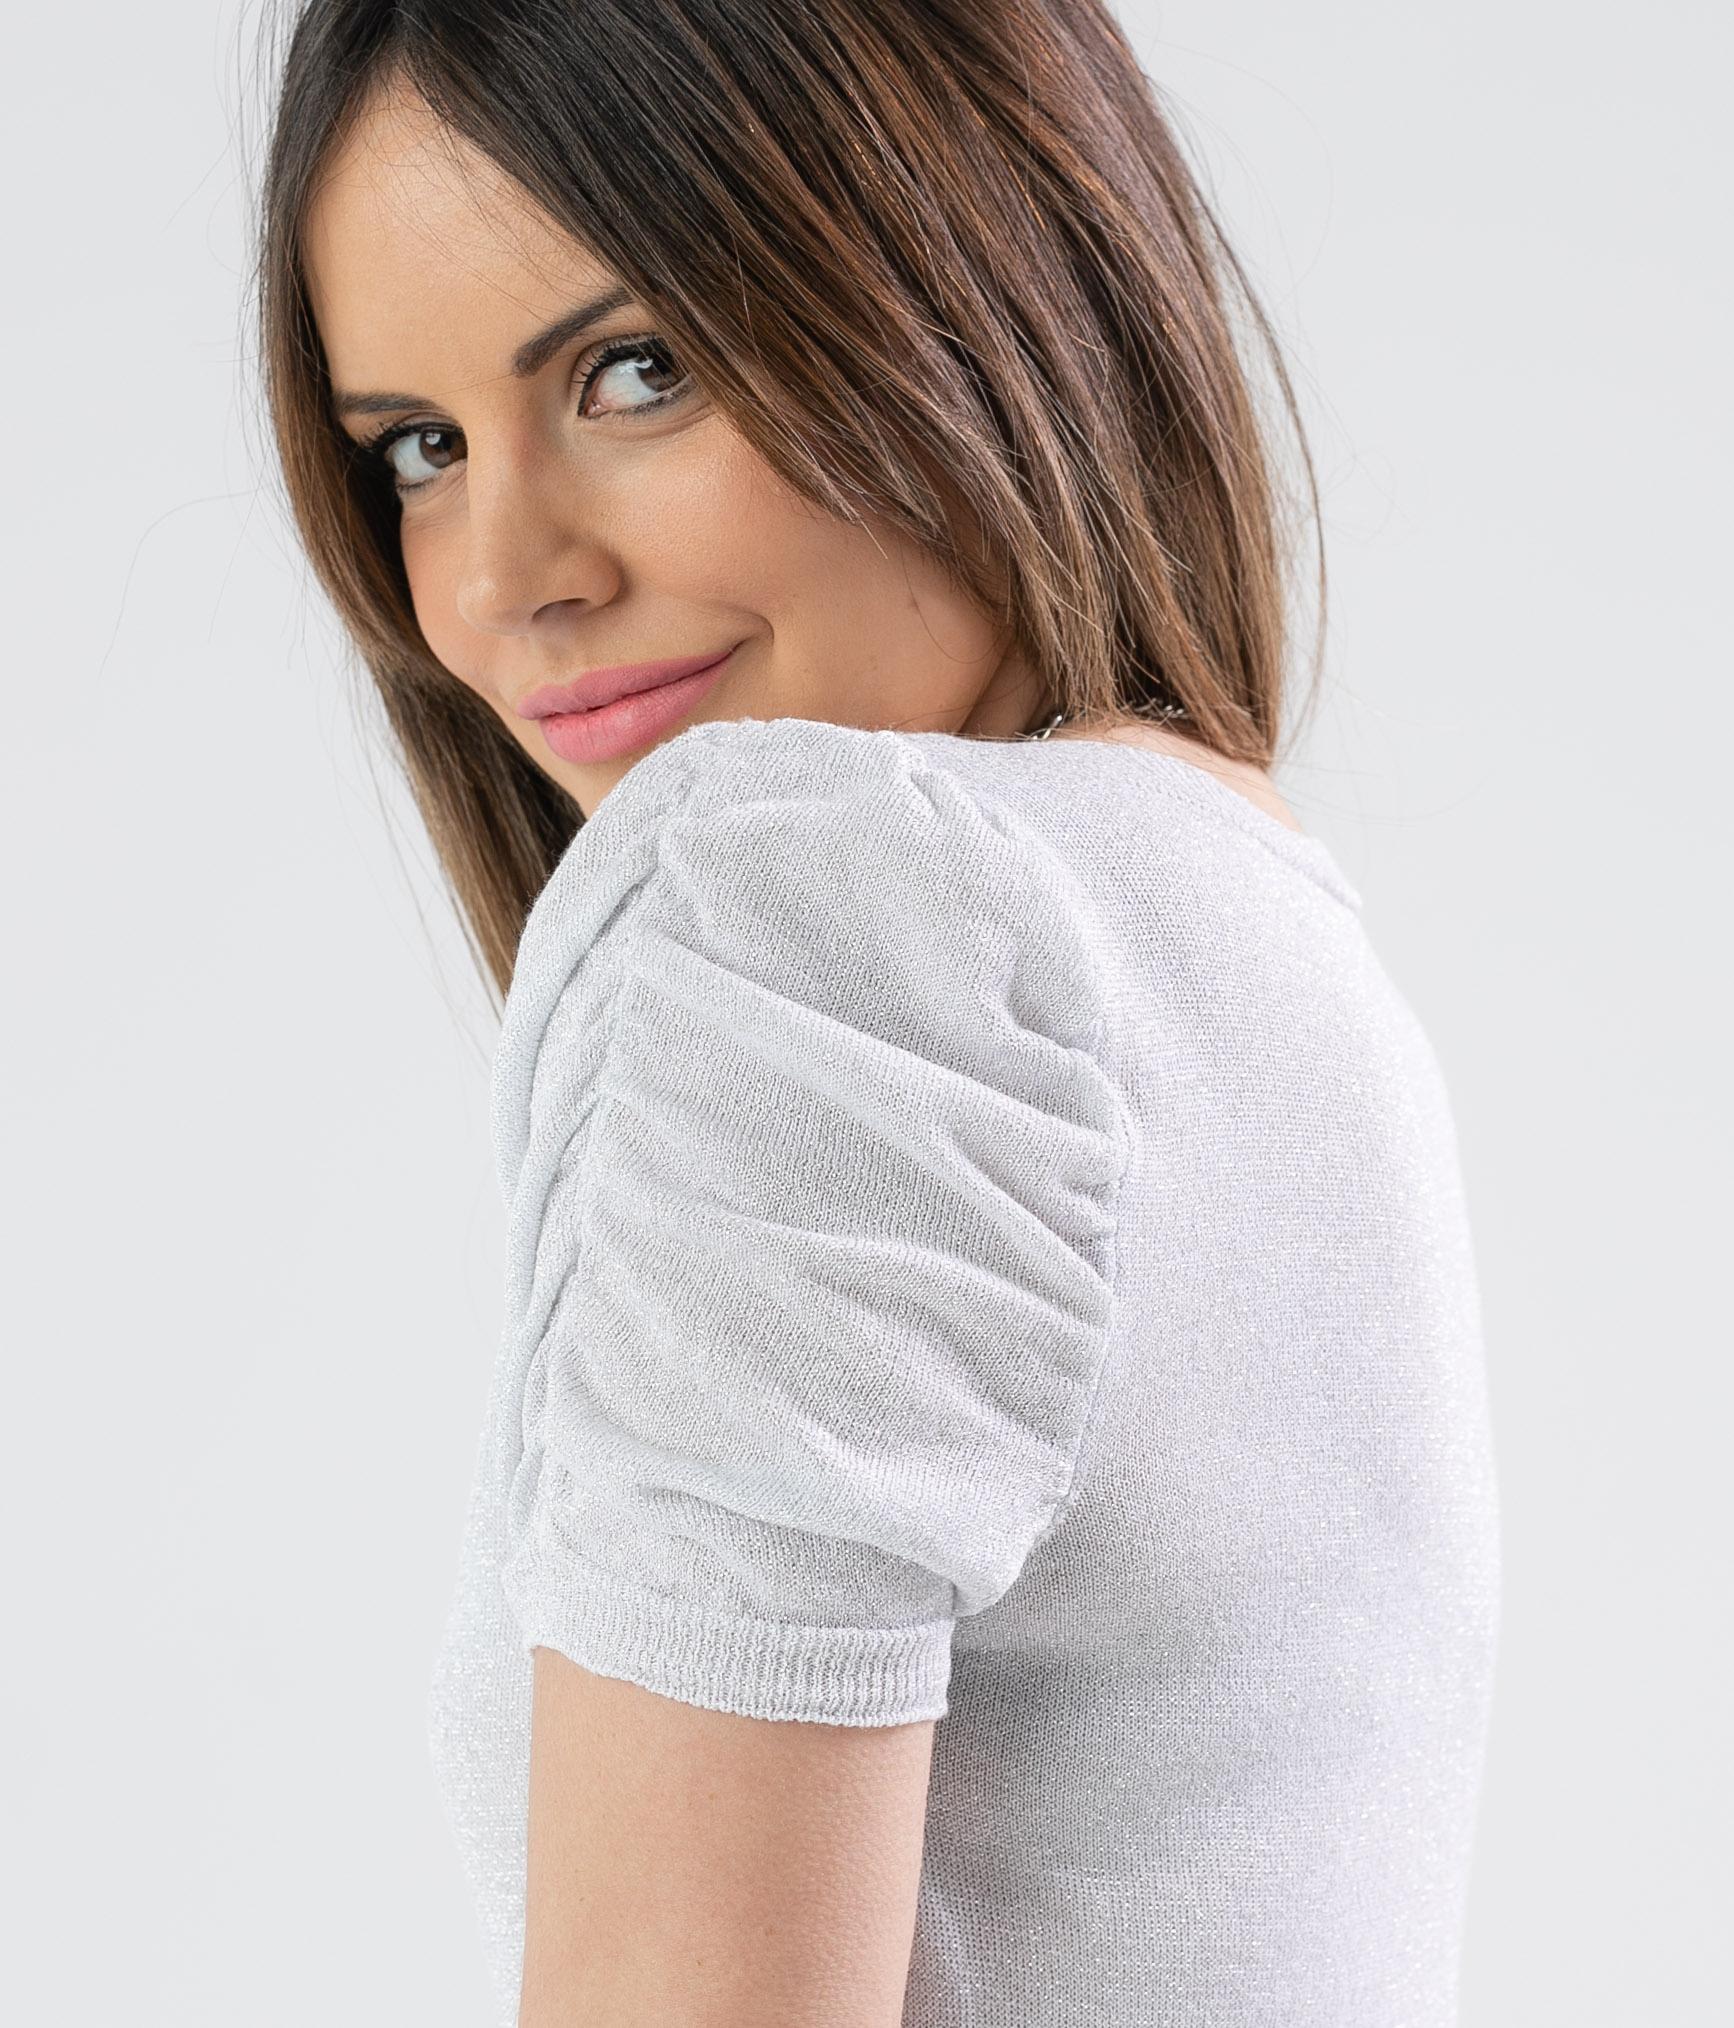 Camiseta Crunxi - White